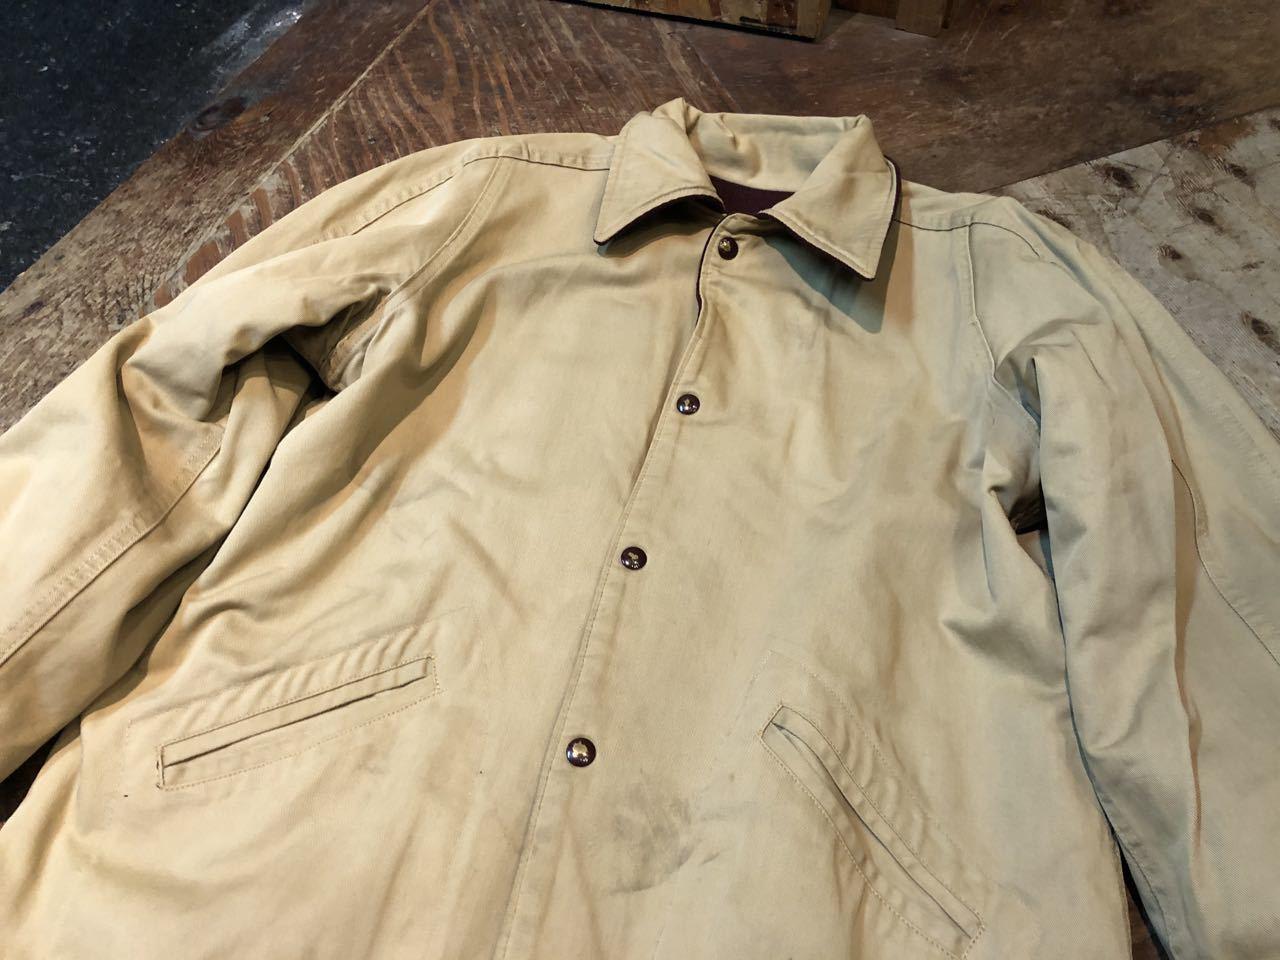 12月27日(金)入荷!60s リバーシブル パチポケ Varsity Jacket!! スタジャン!_c0144020_13322555.jpg